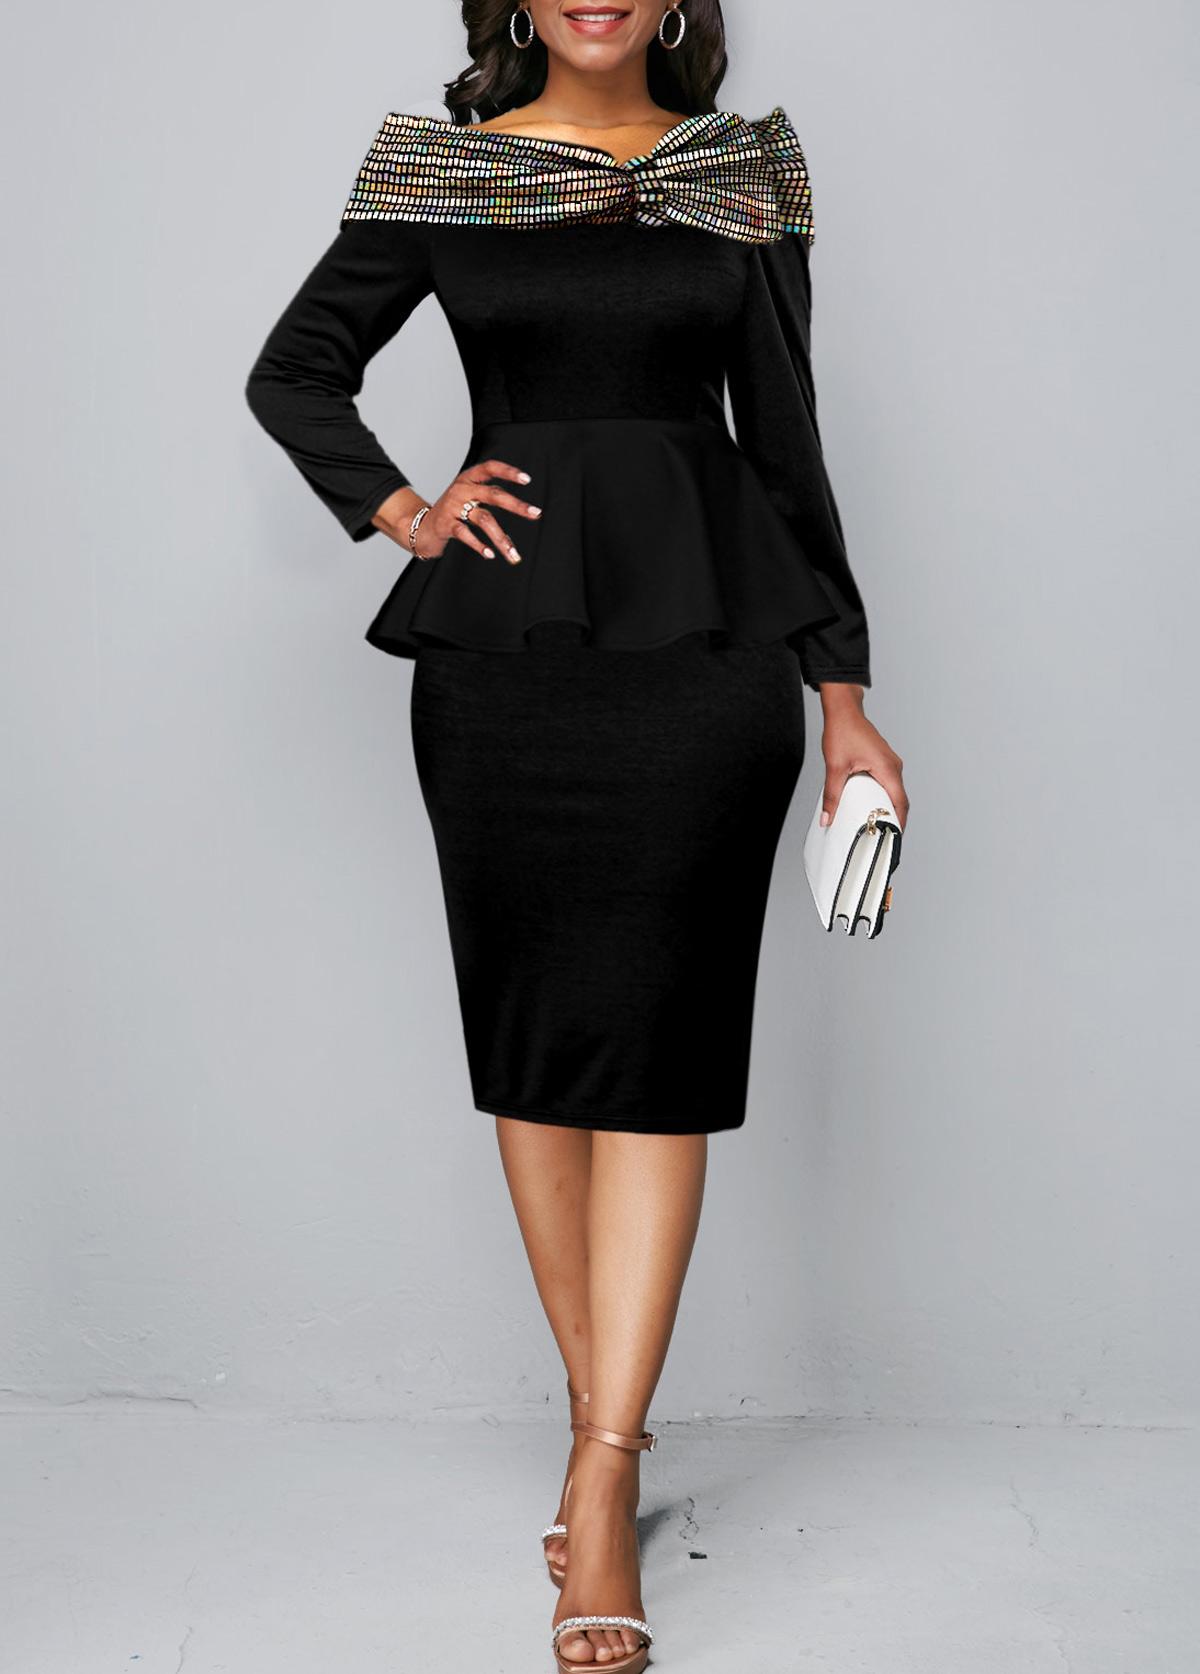 ROTITA Long Sleeve Sequin Contrast Peplum Waist Dress